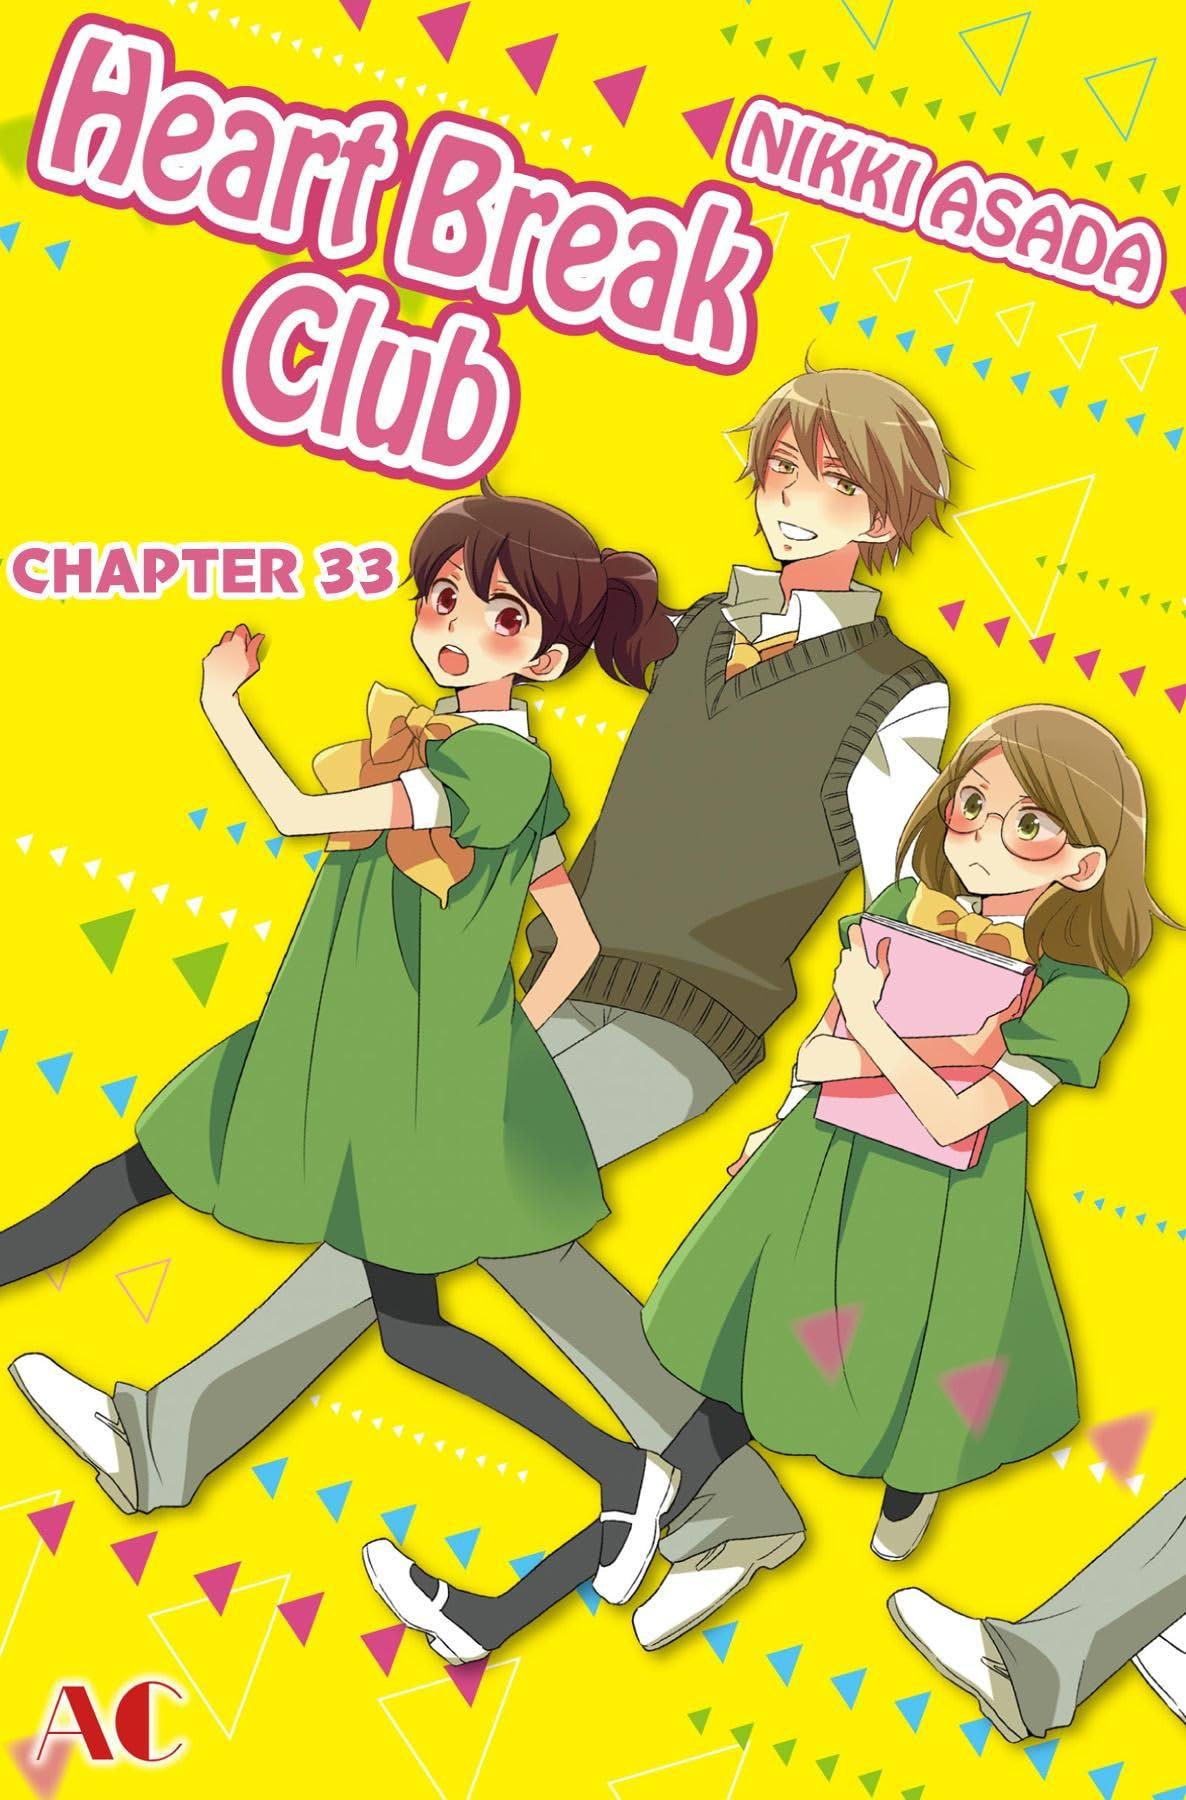 Heart Break Club #33